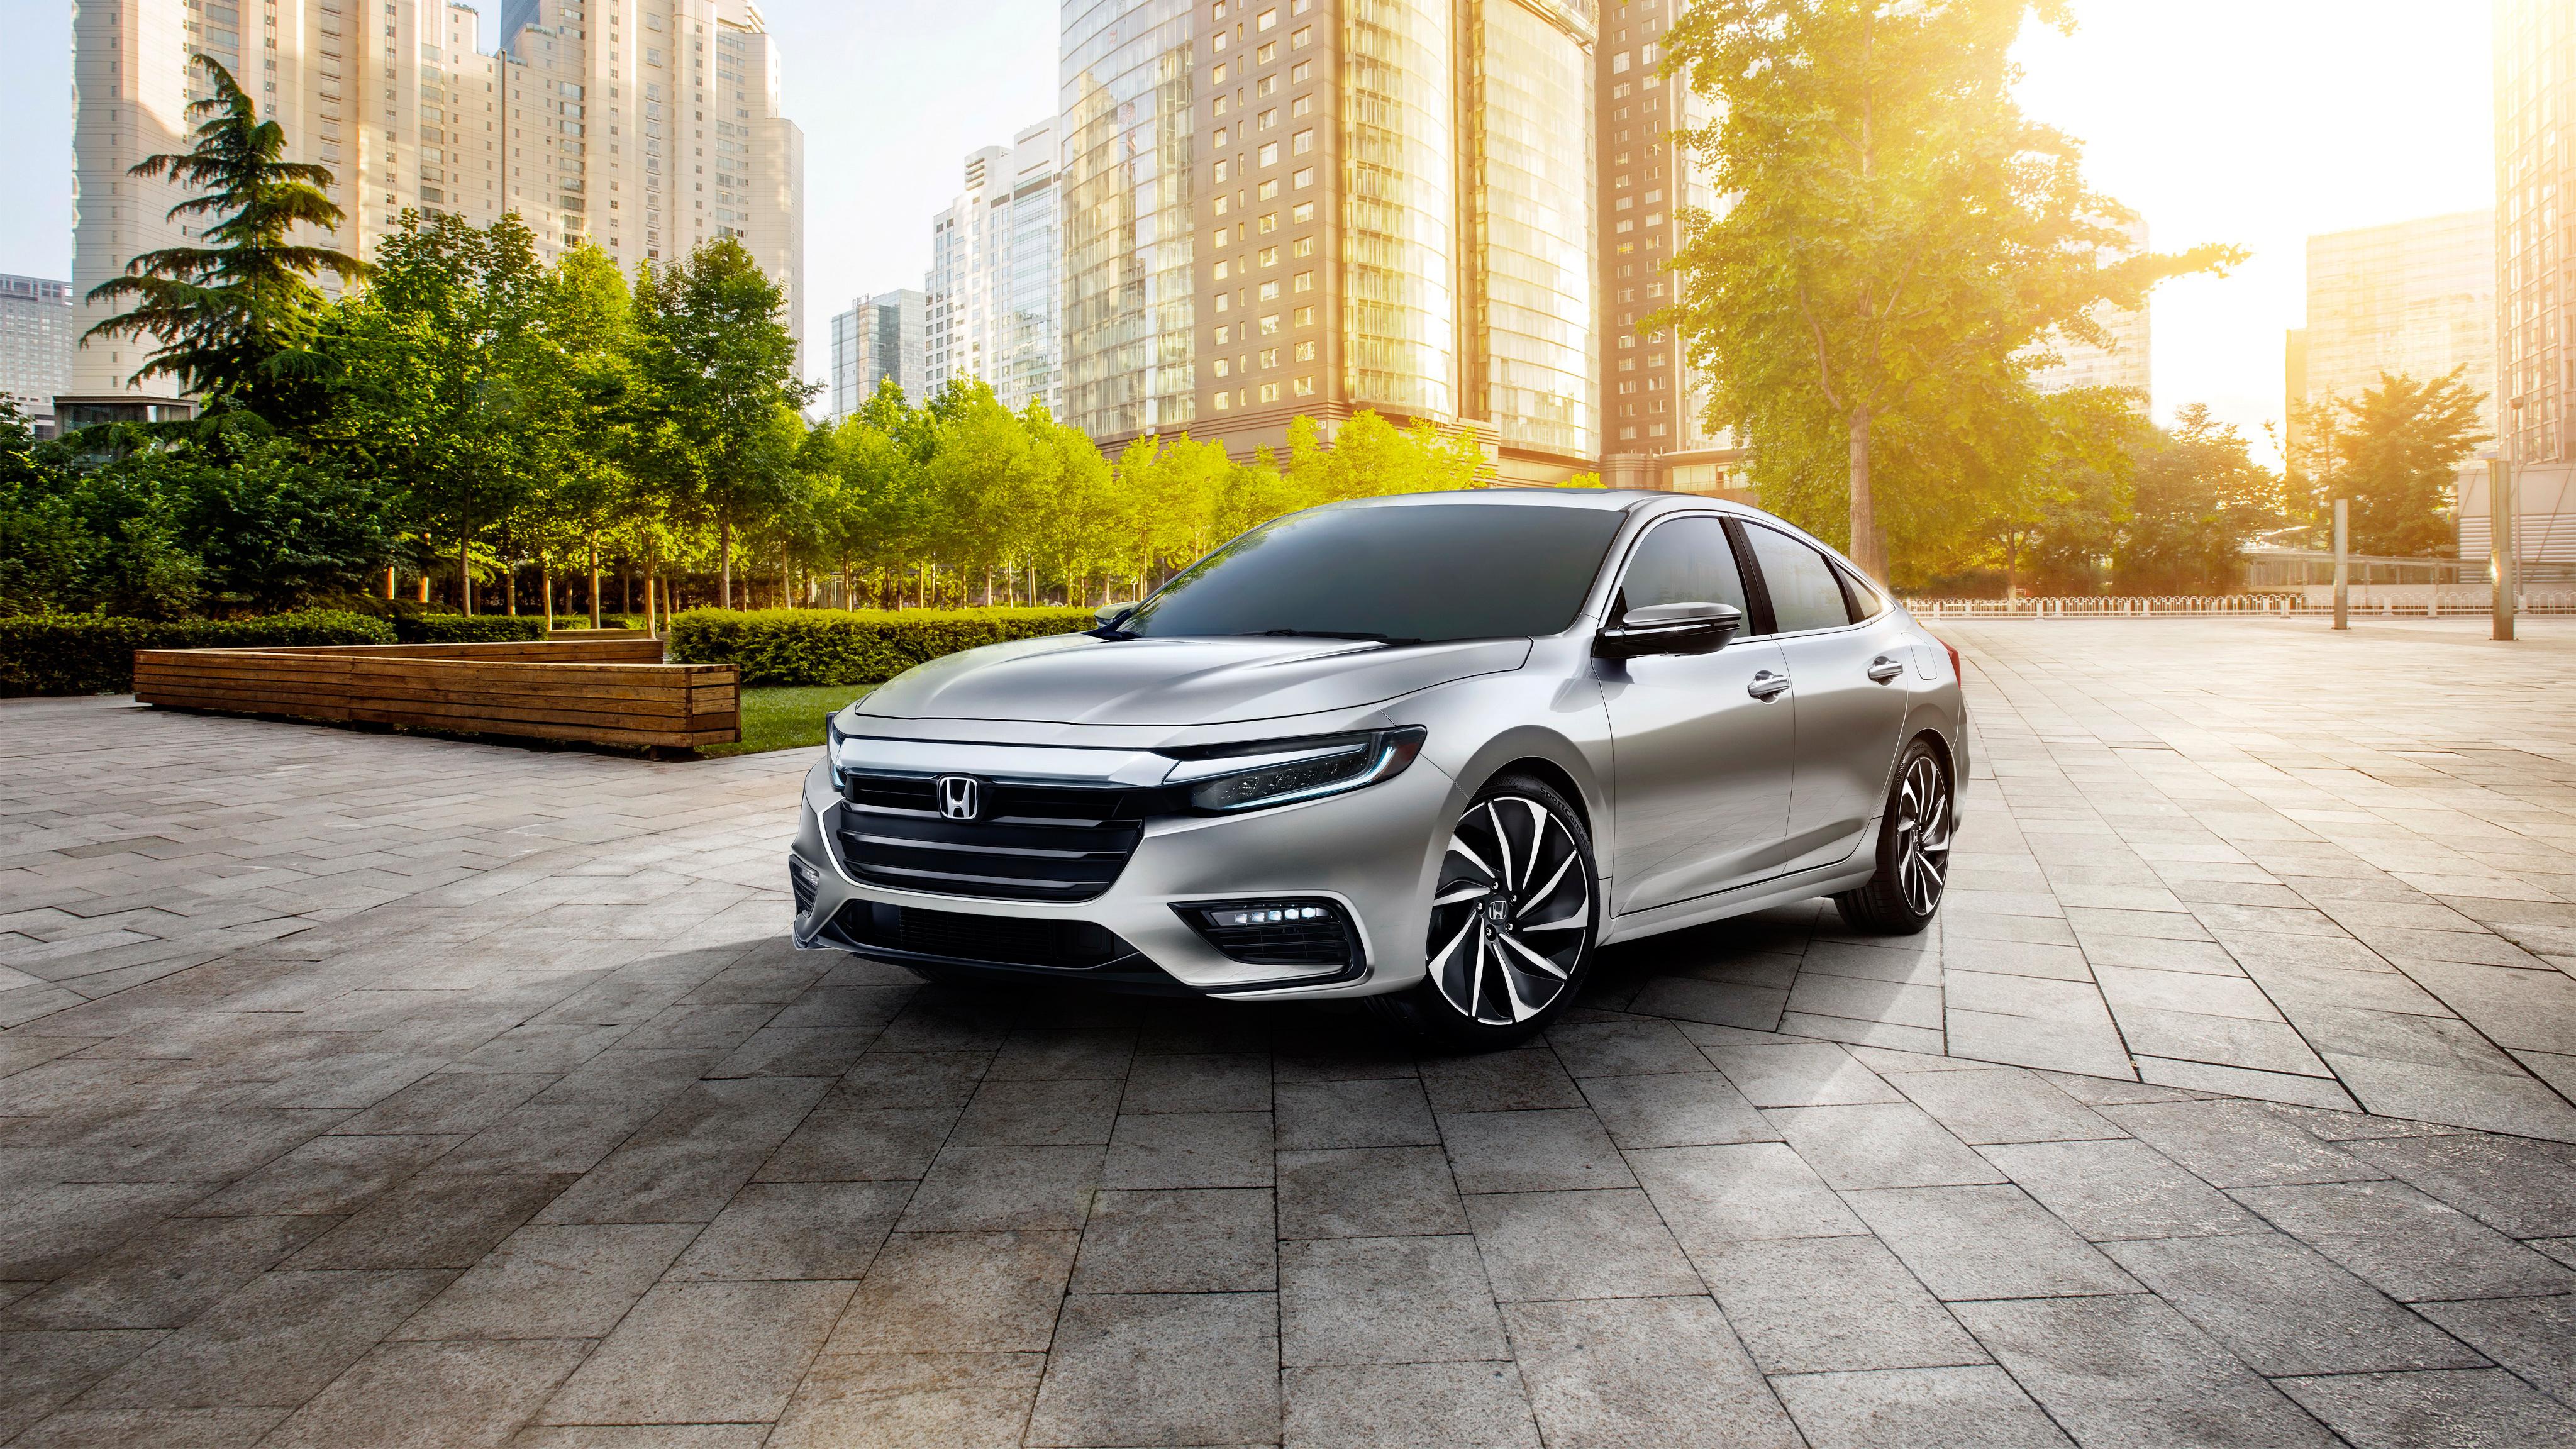 Honda Insight Prototype 2018 4K Wallpaper | HD Car ...